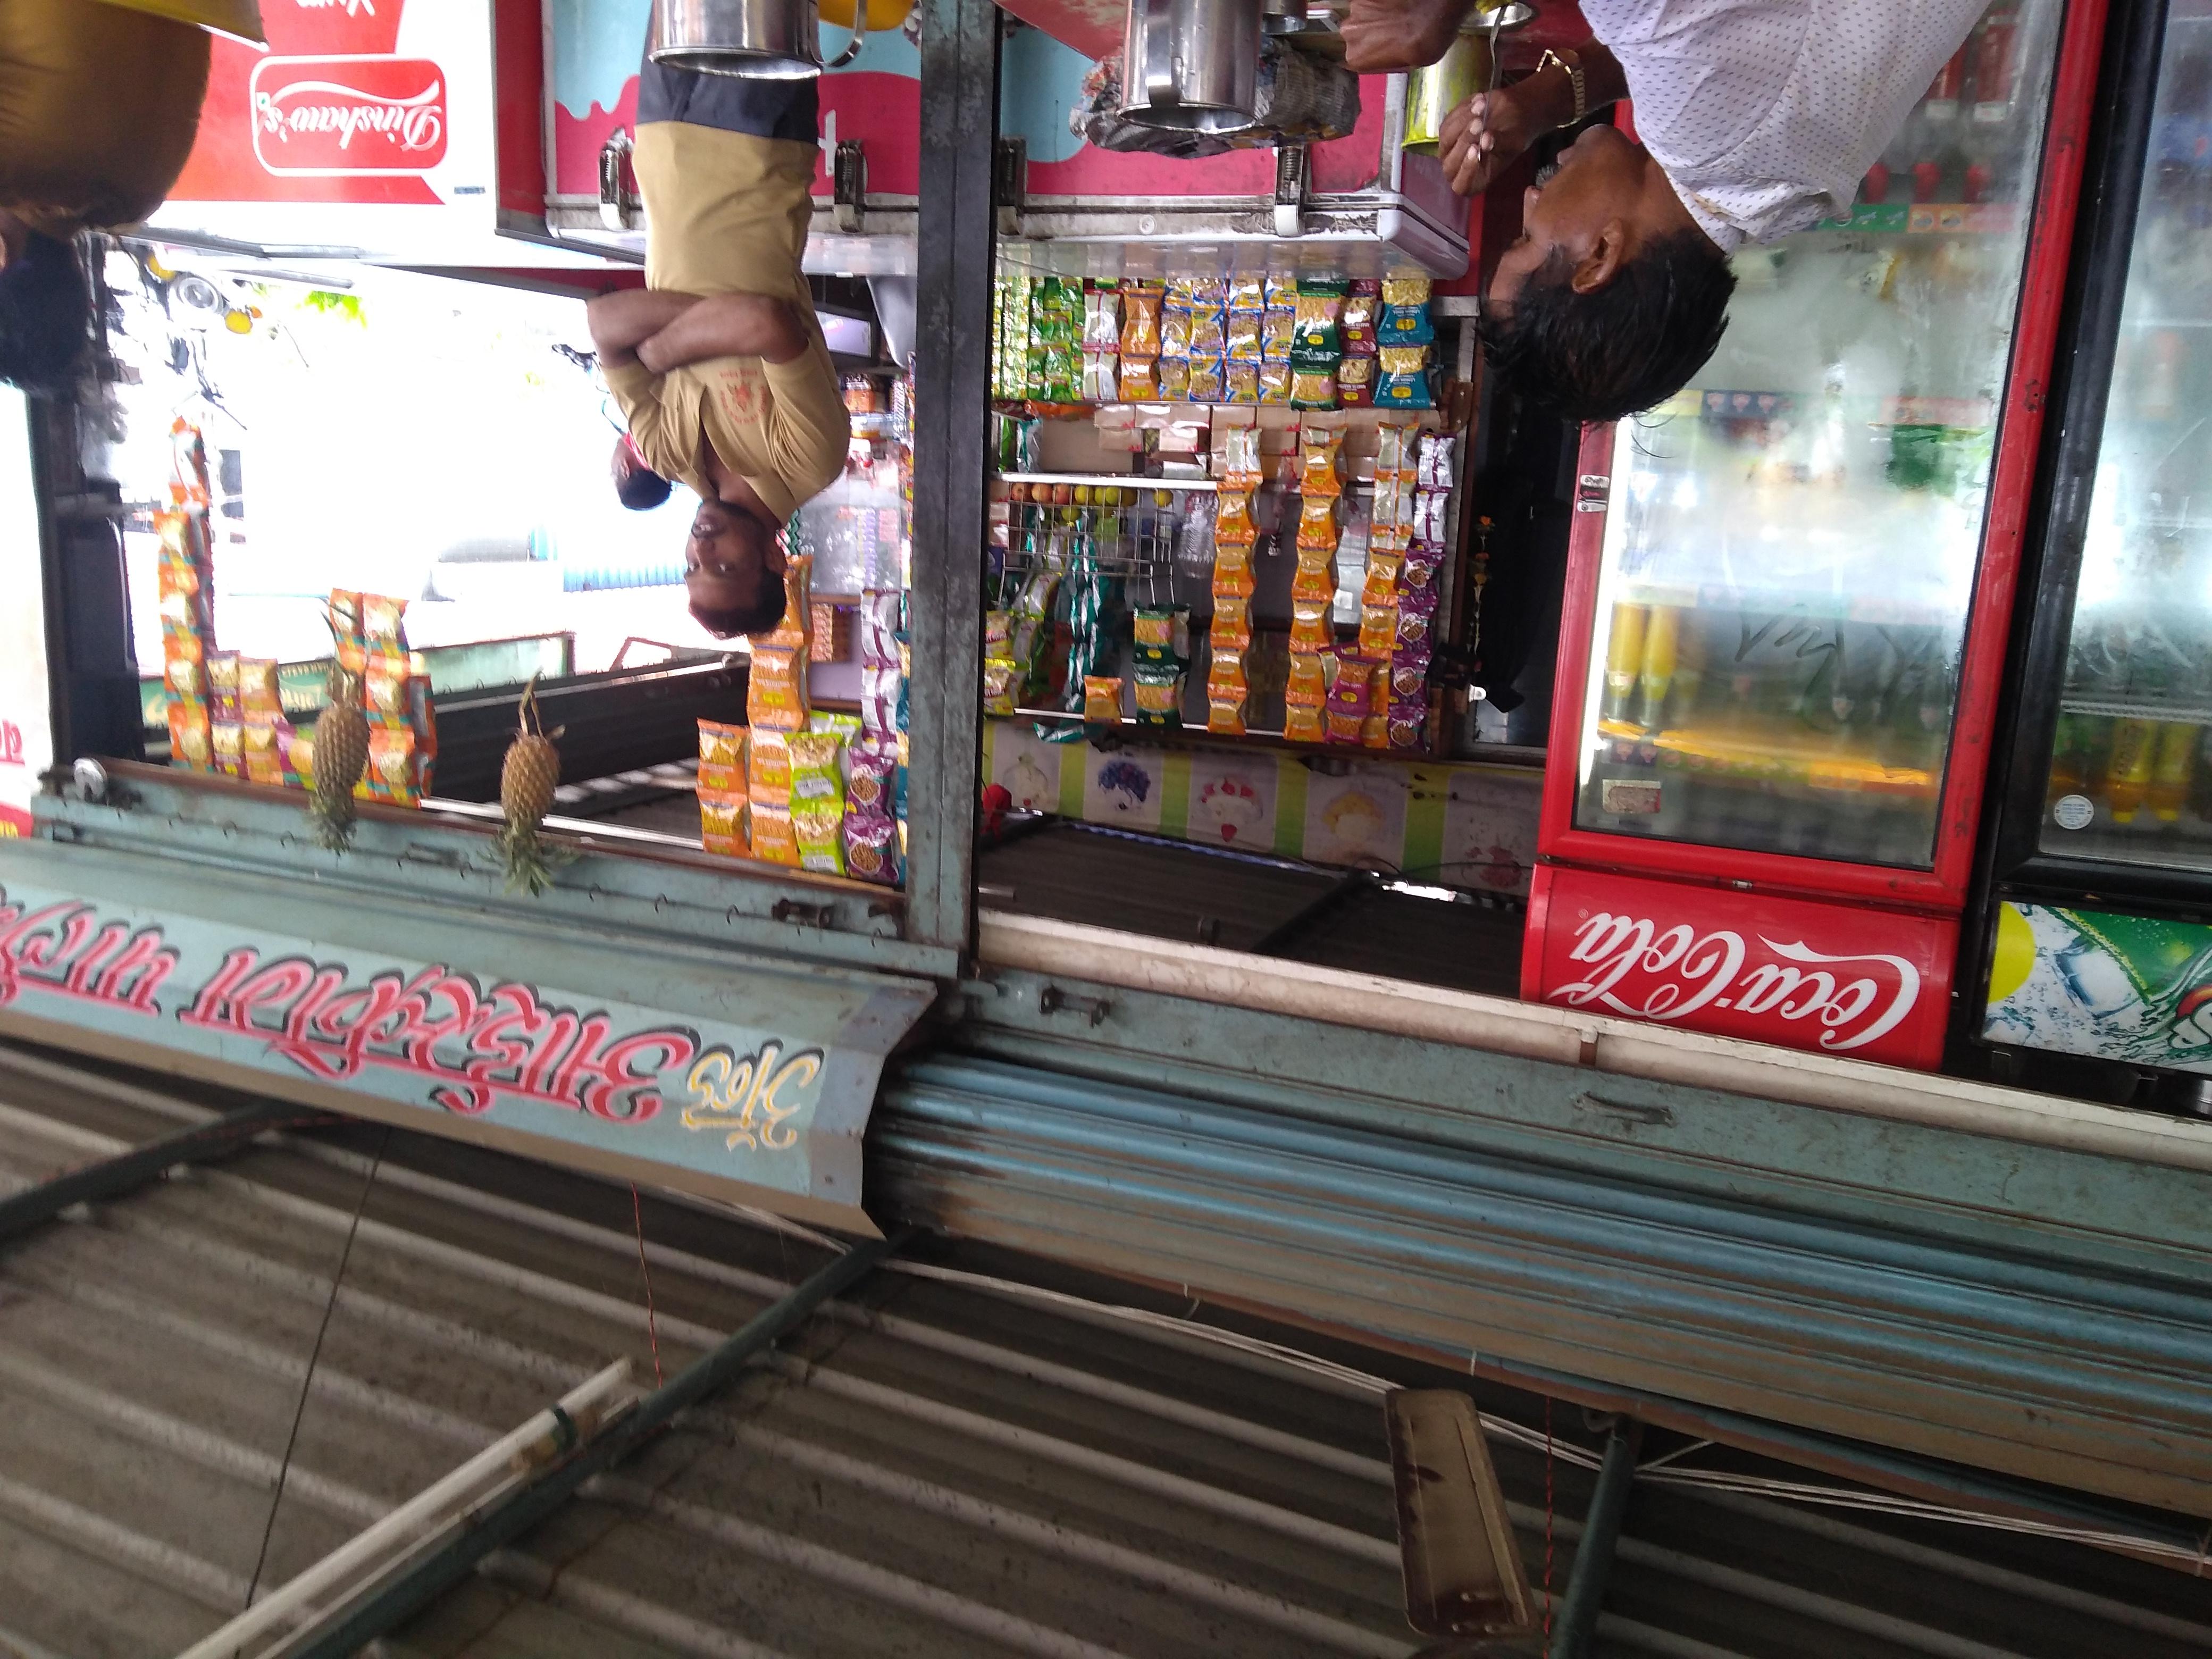 Ride Image by Tushar Sonawane